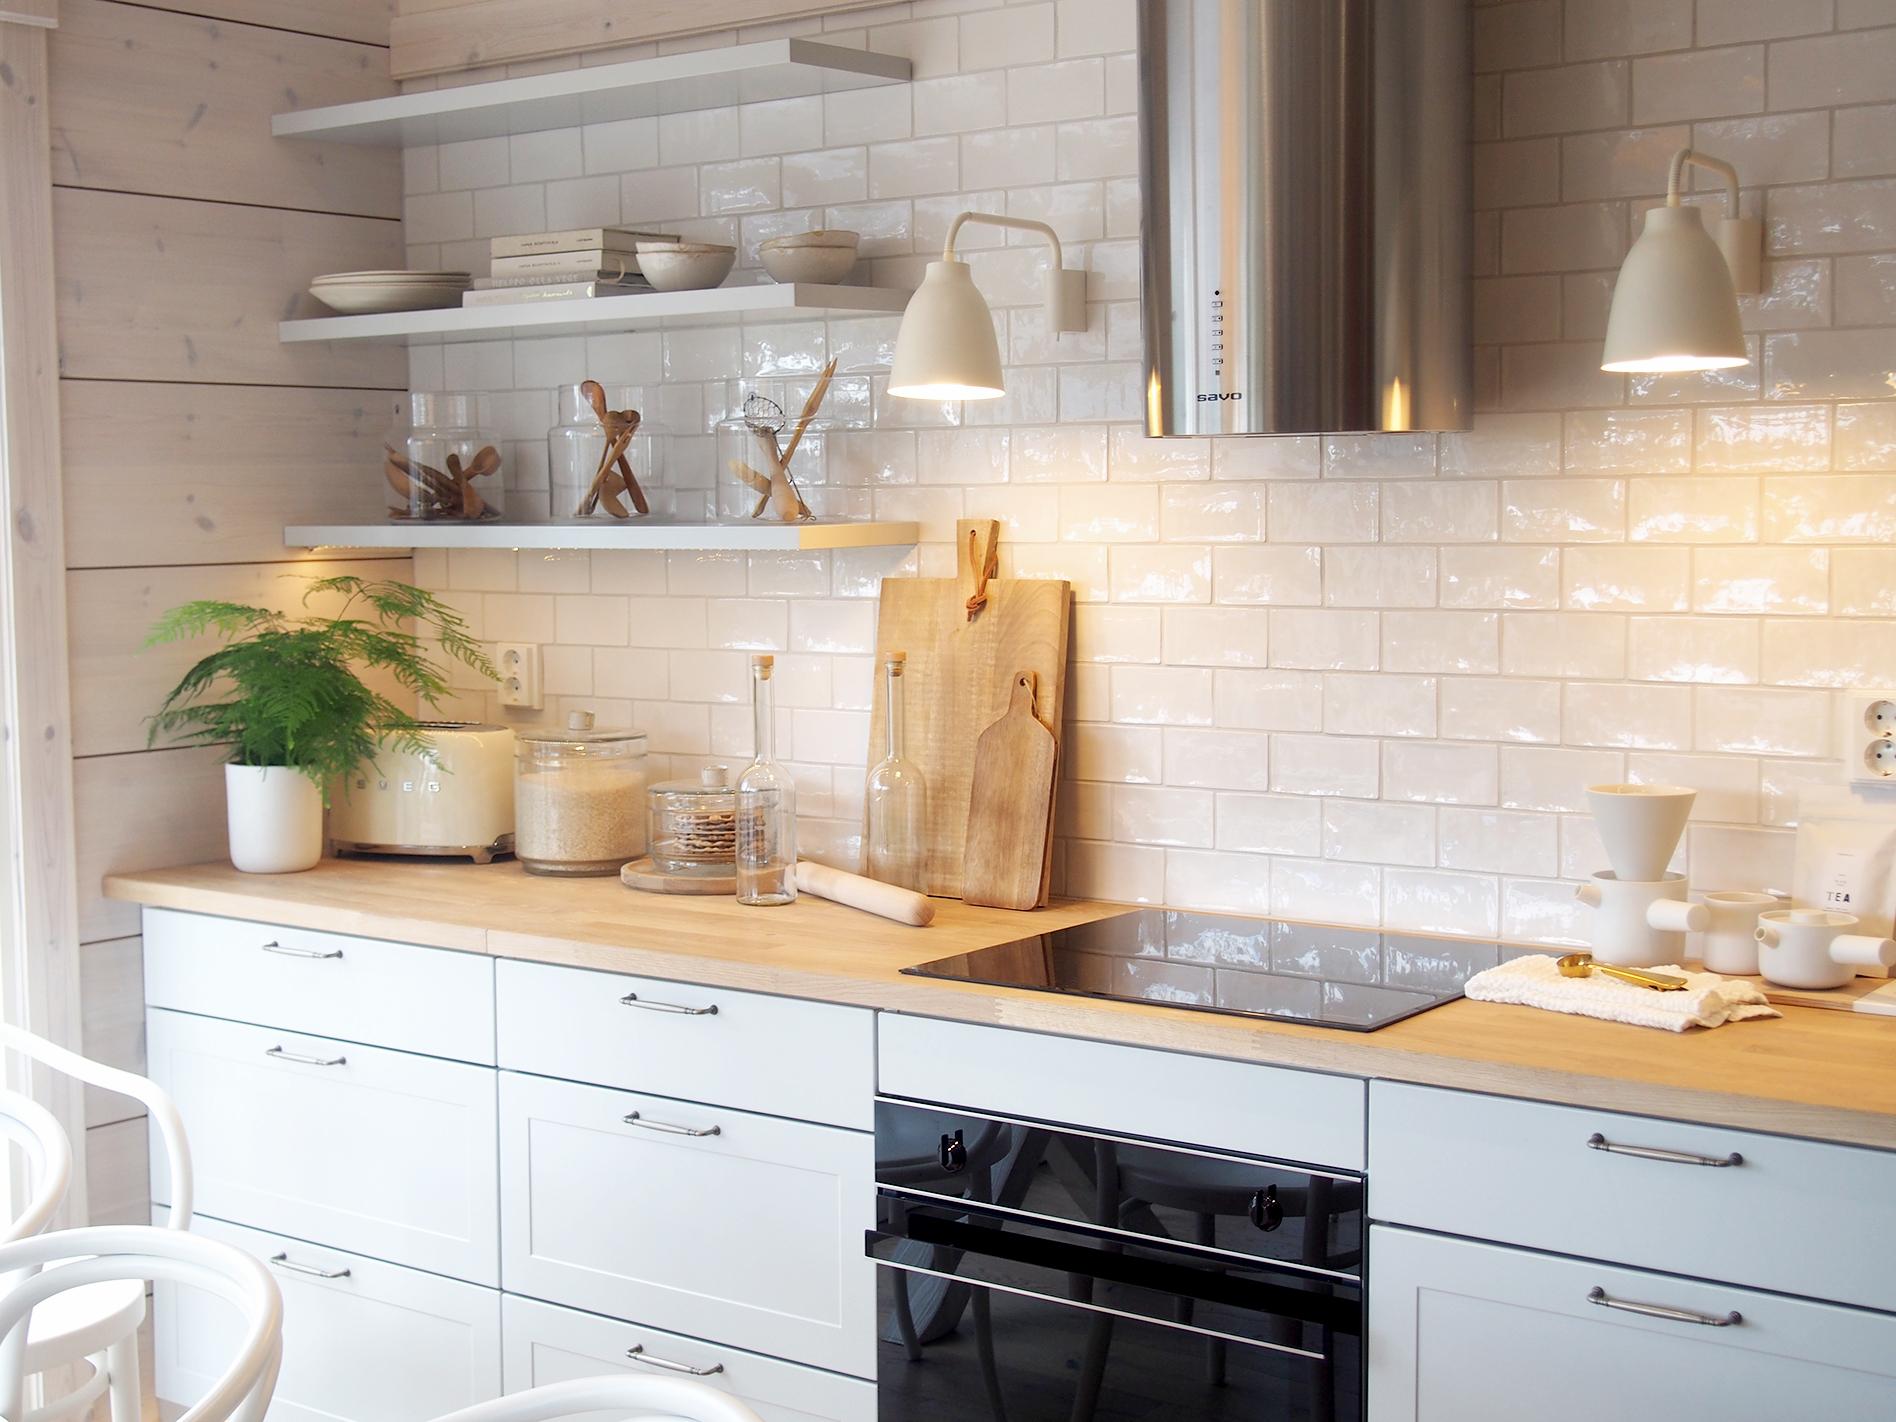 keittiö kontio toive asuntomessut 2017